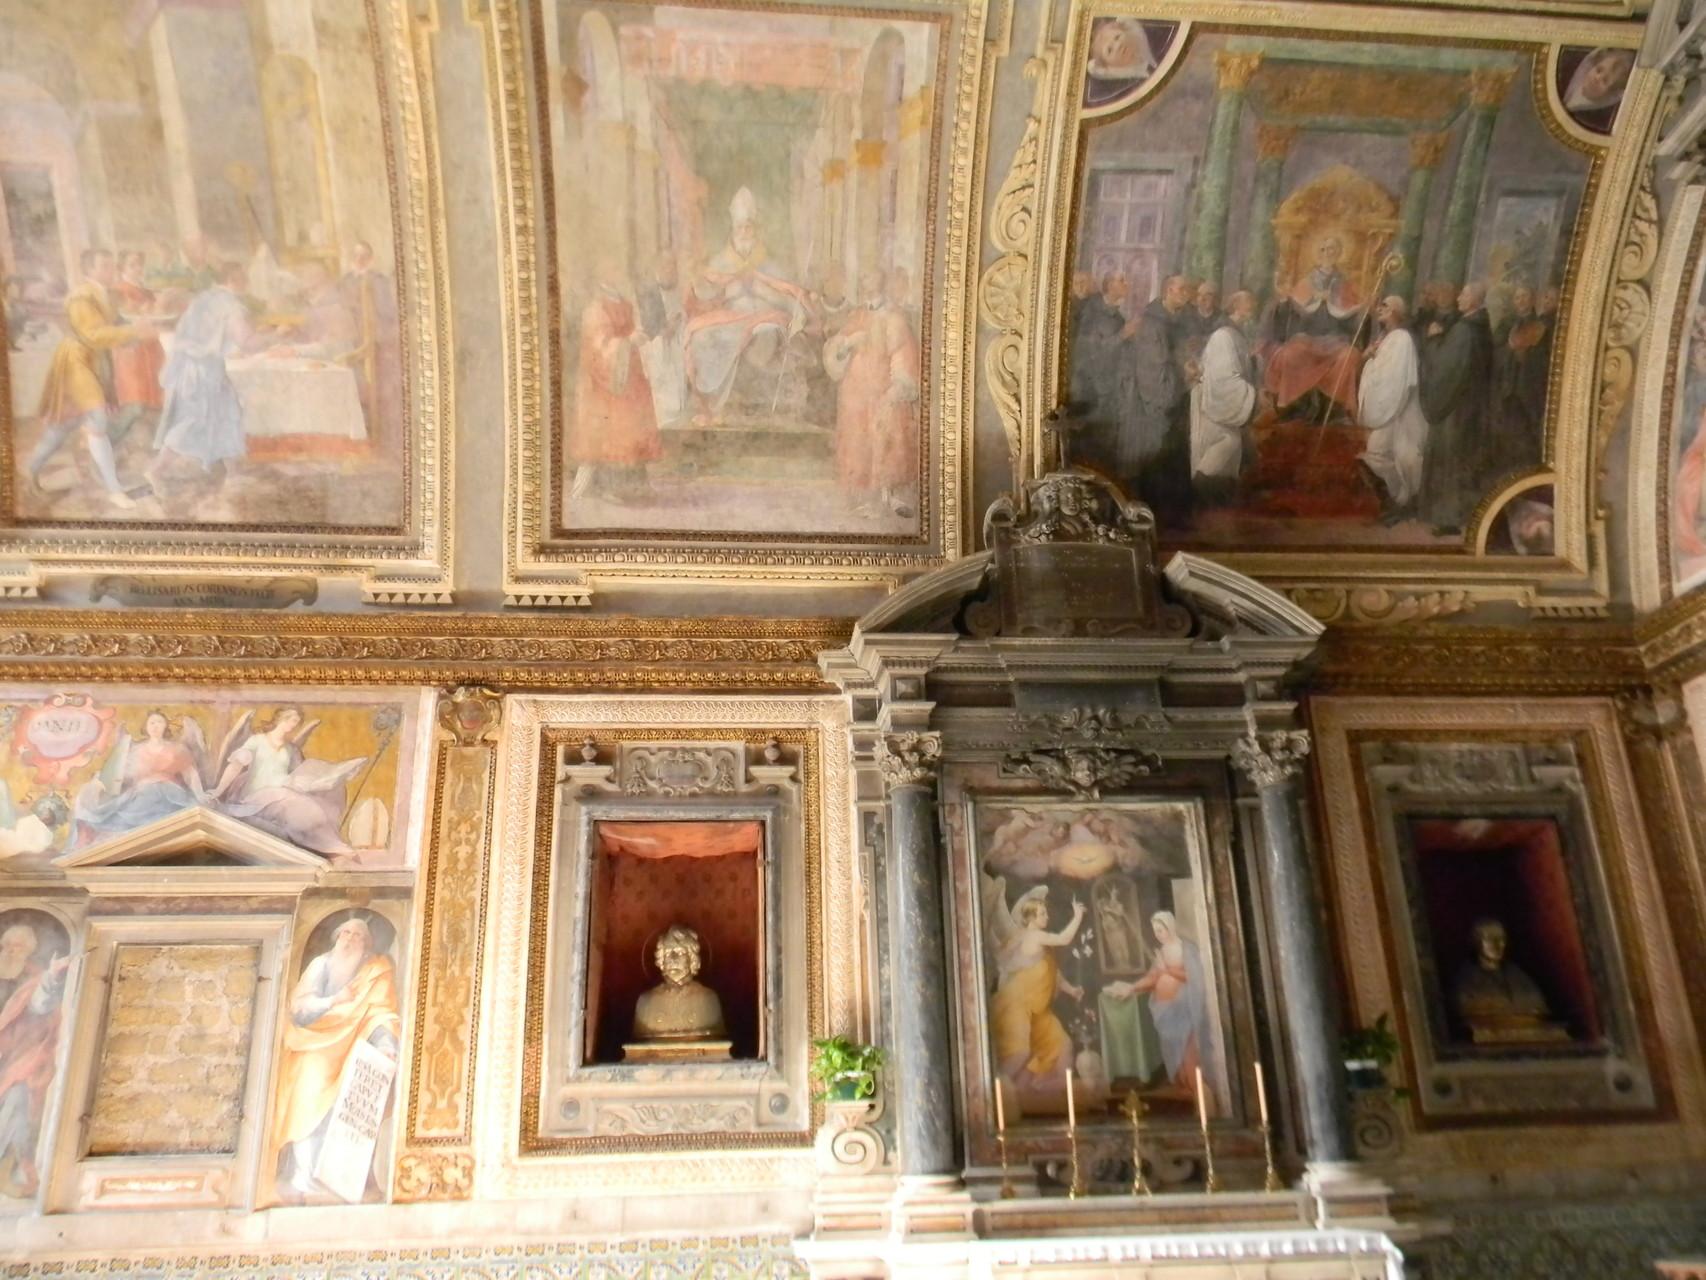 Il busto-reliquiario di S. Tellurio martire, inserito in una nicchia rettangolare, mentre quella timpanata è murata [foto Peppe Guida]